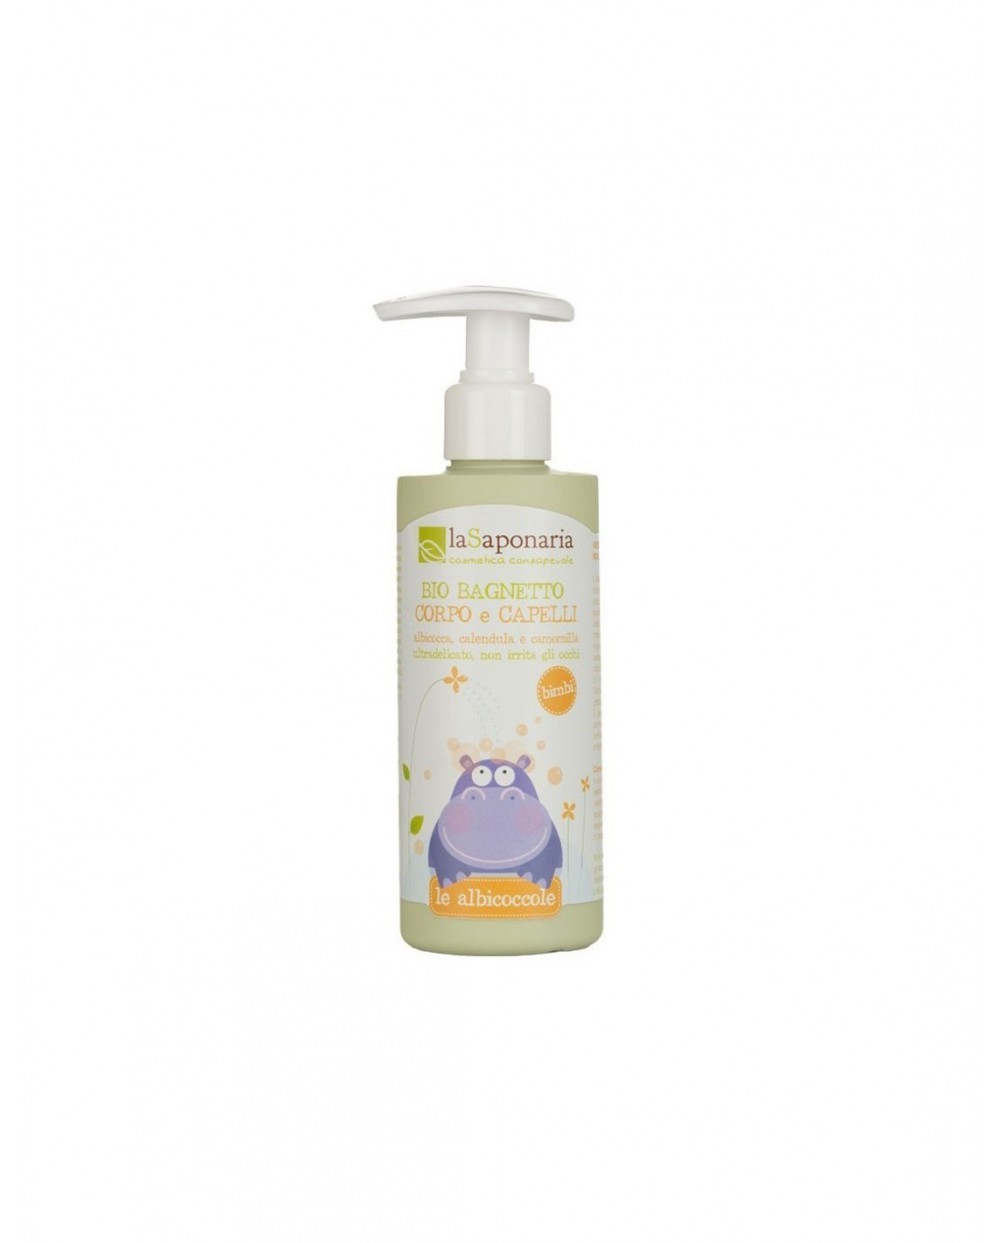 La Saponaria - Le Albicoccole - Bio bagnetto corpo e capelli 200ml